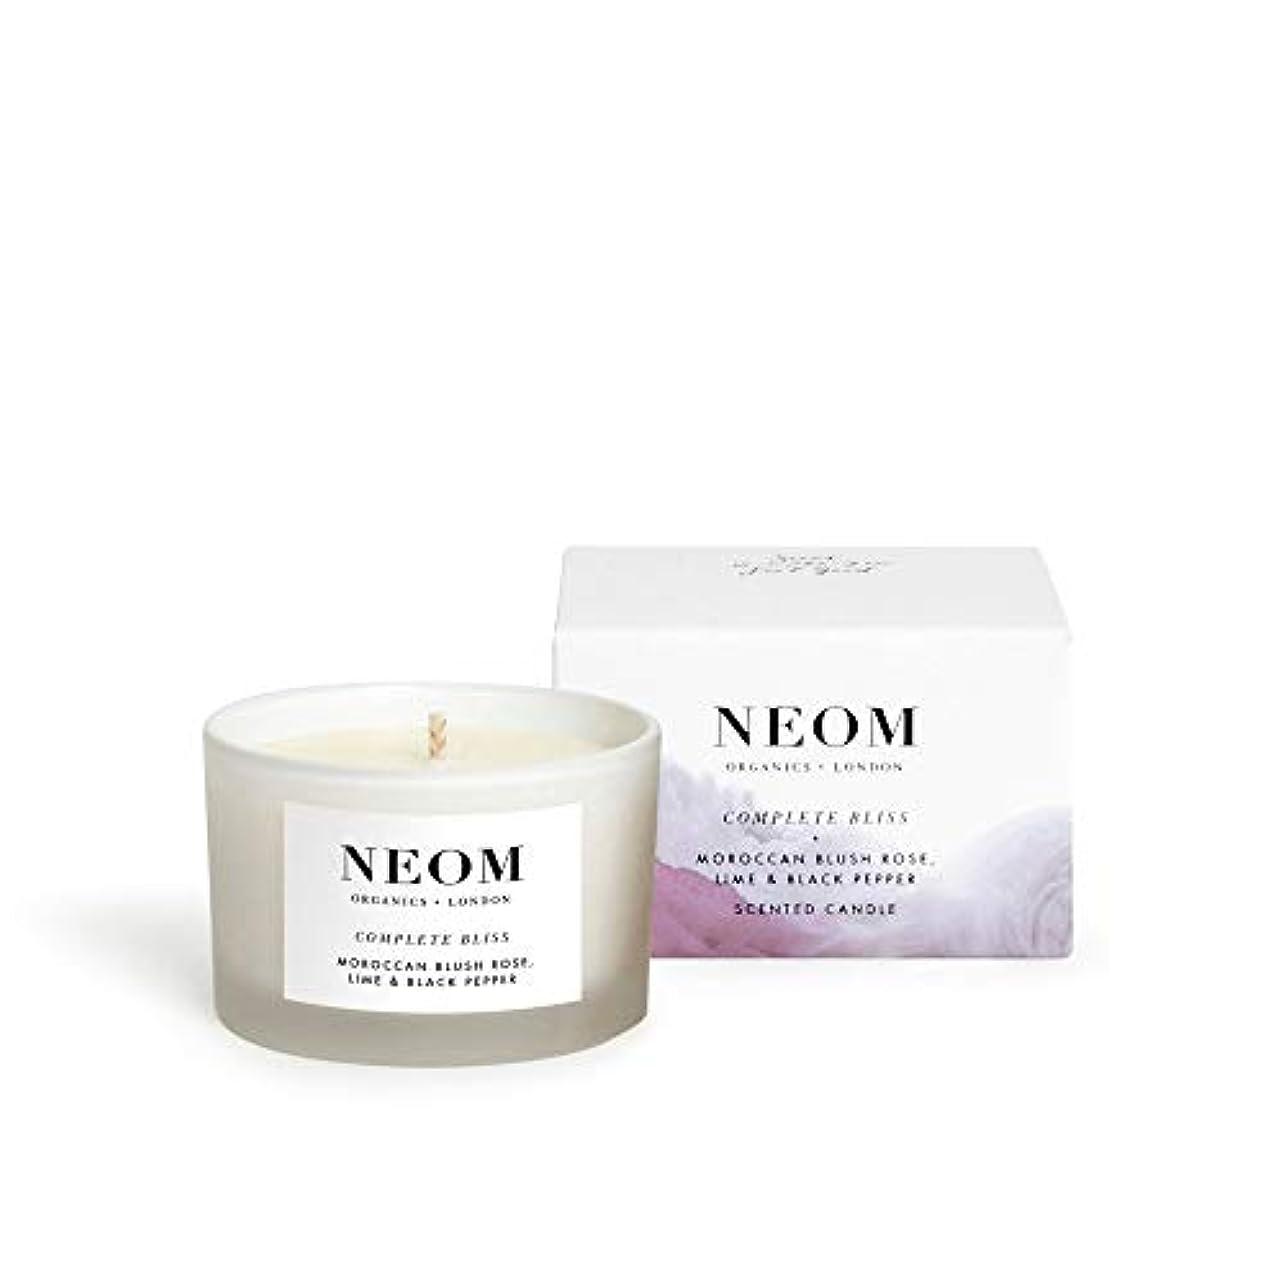 木材ヒステリック活性化する[Neom] Neom完全な至福の旅行キャンドル75グラム - Neom Complete Bliss Travel Candle 75g [並行輸入品]